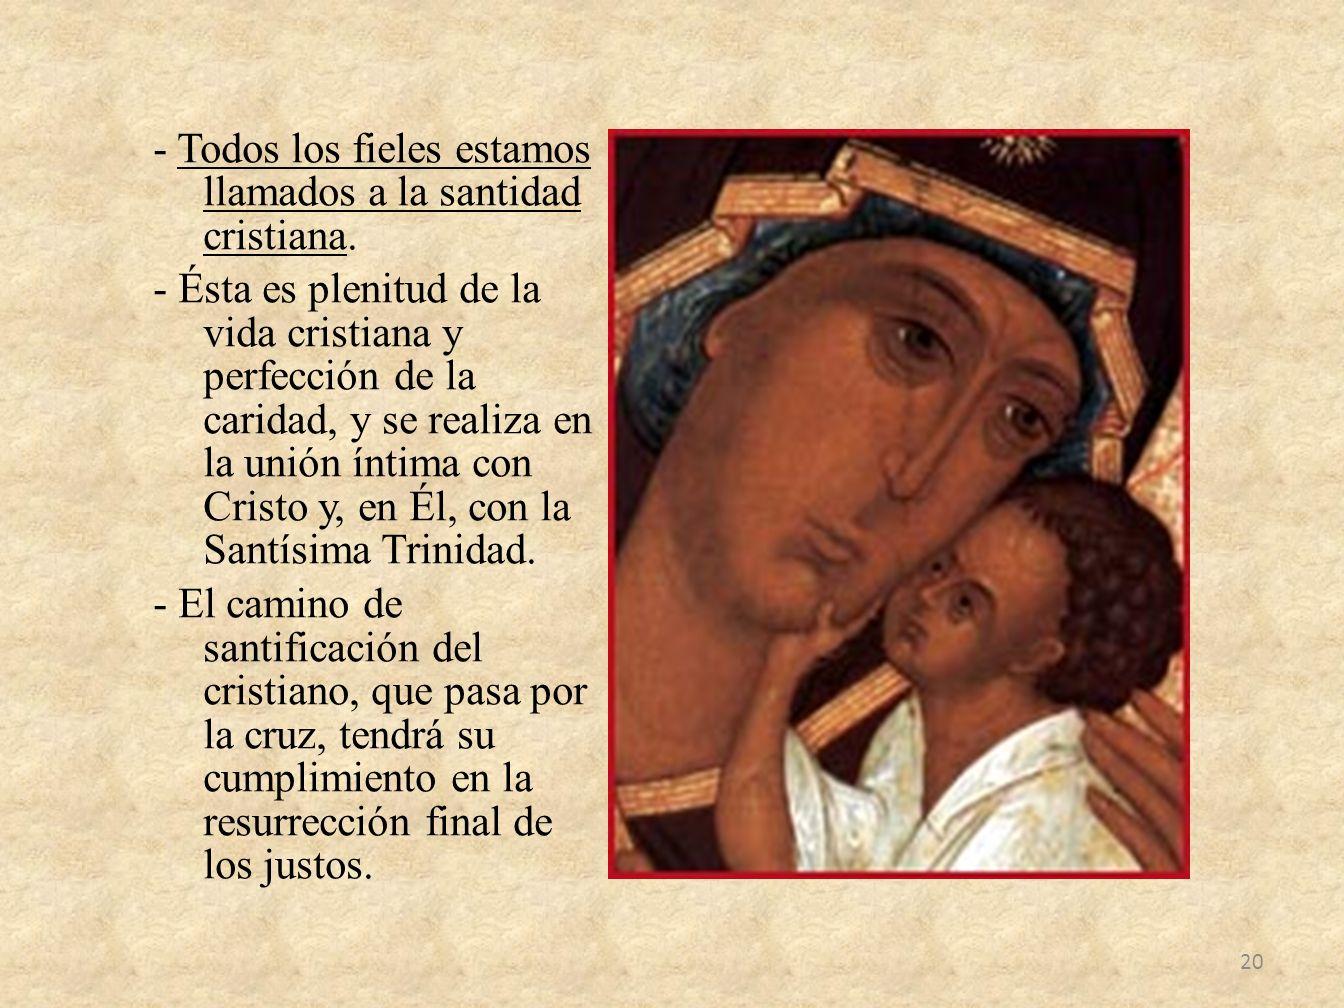 - Todos los fieles estamos llamados a la santidad cristiana. - Ésta es plenitud de la vida cristiana y perfección de la caridad, y se realiza en la un